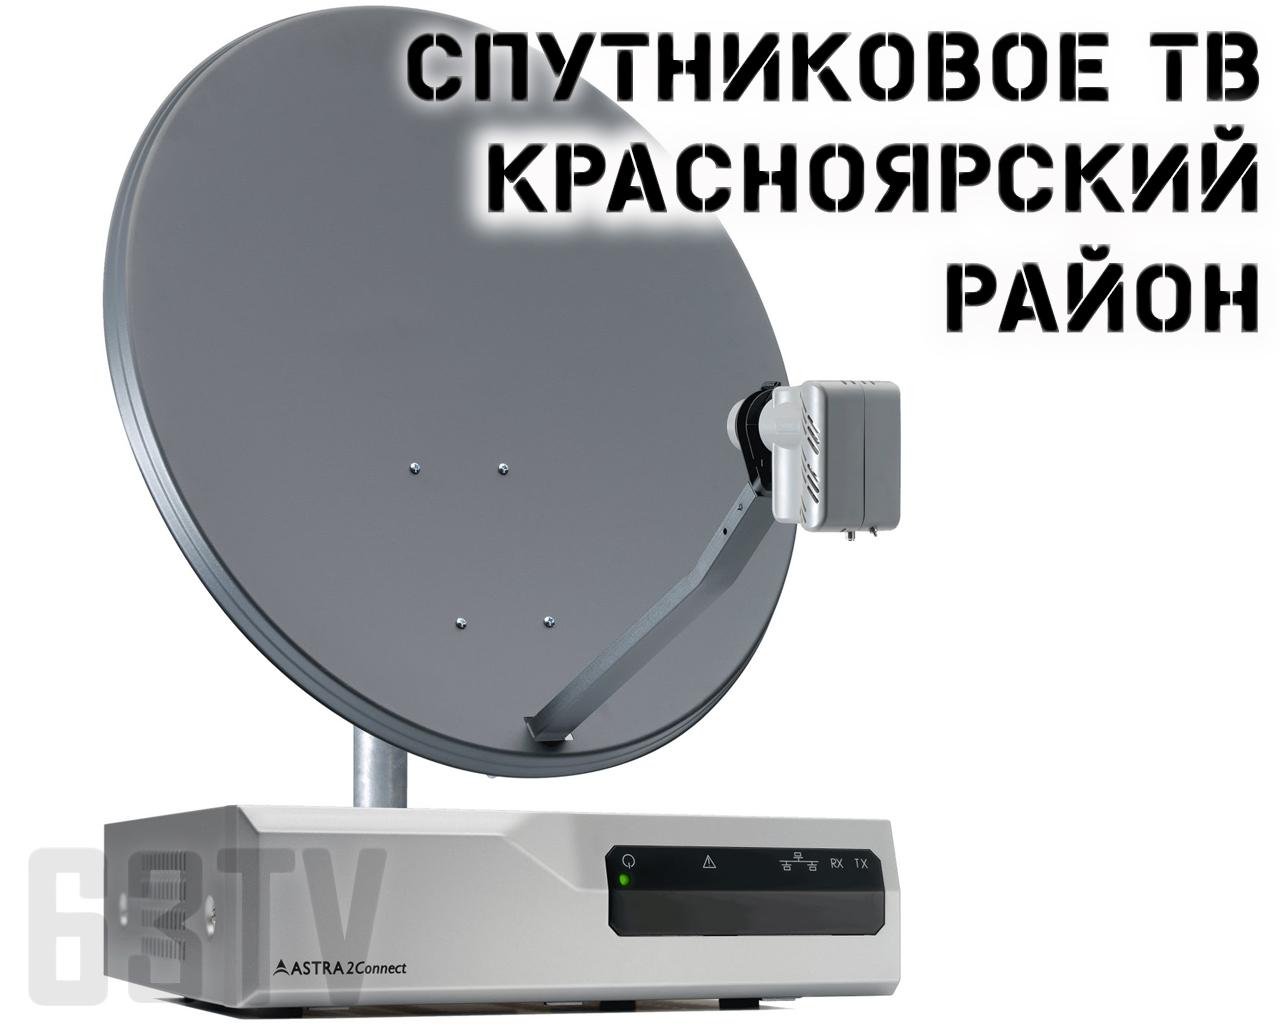 Спутниковое ТВ Красноярский район